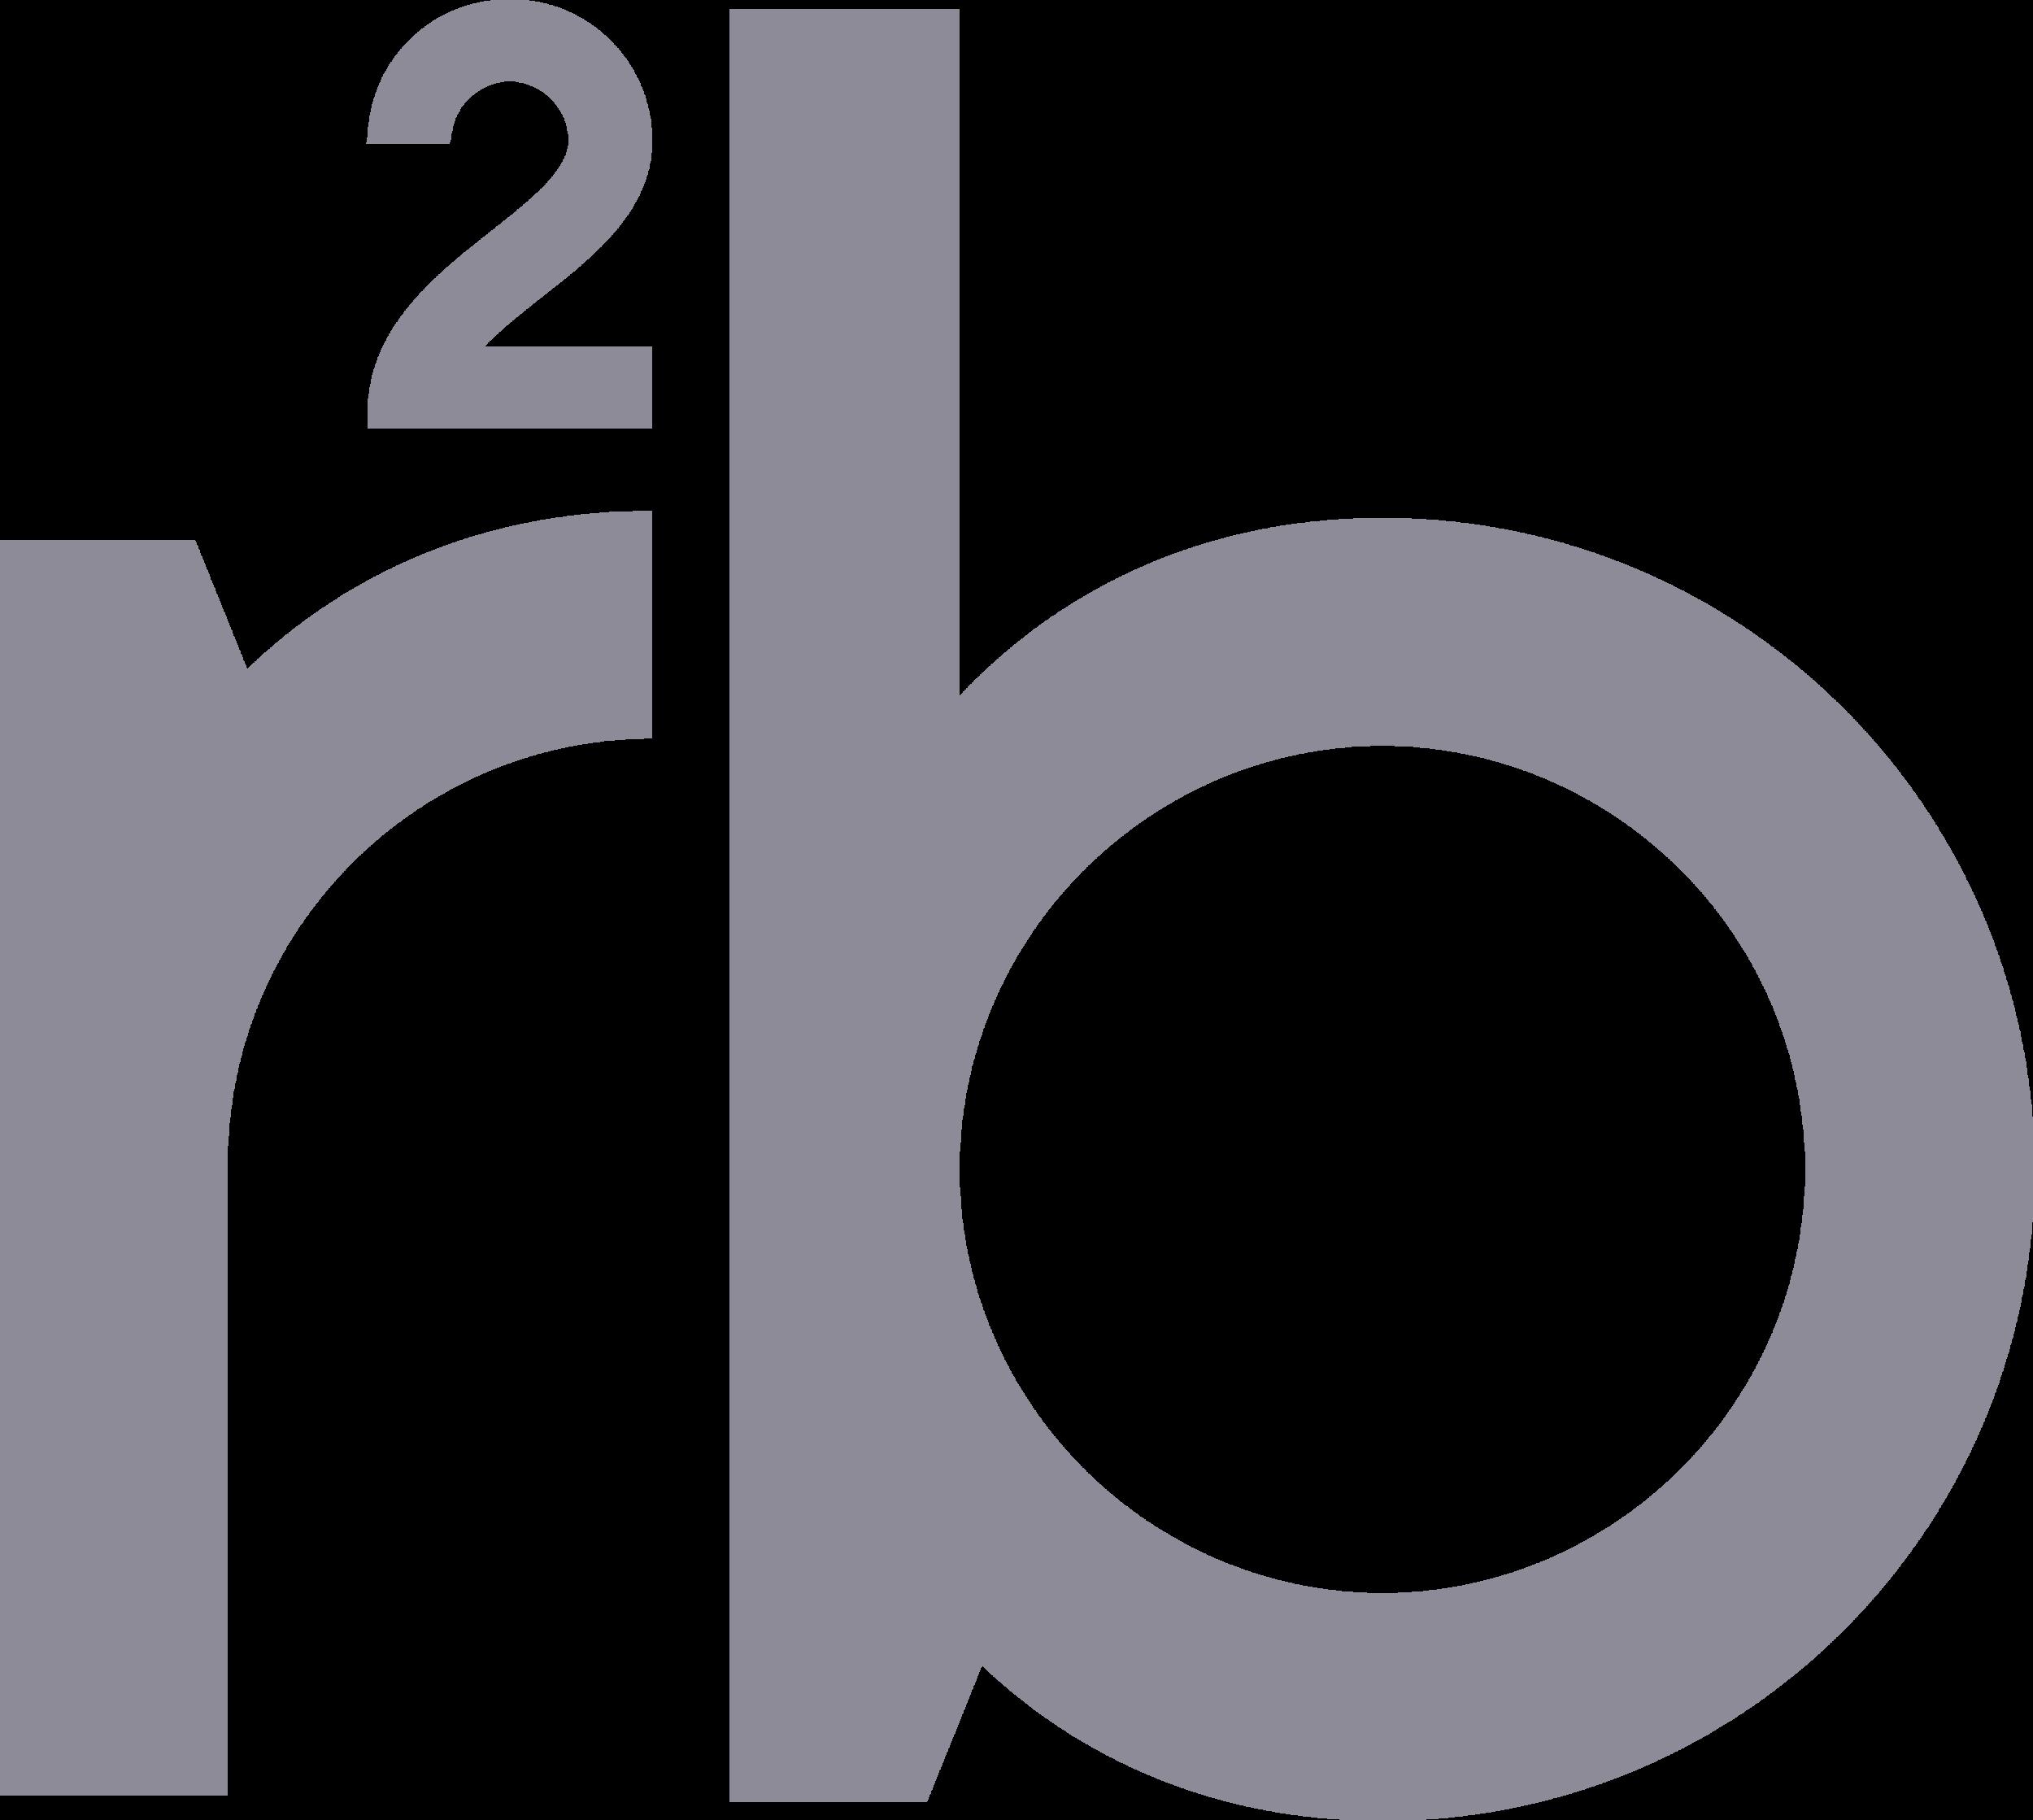 R2B_Grey.png